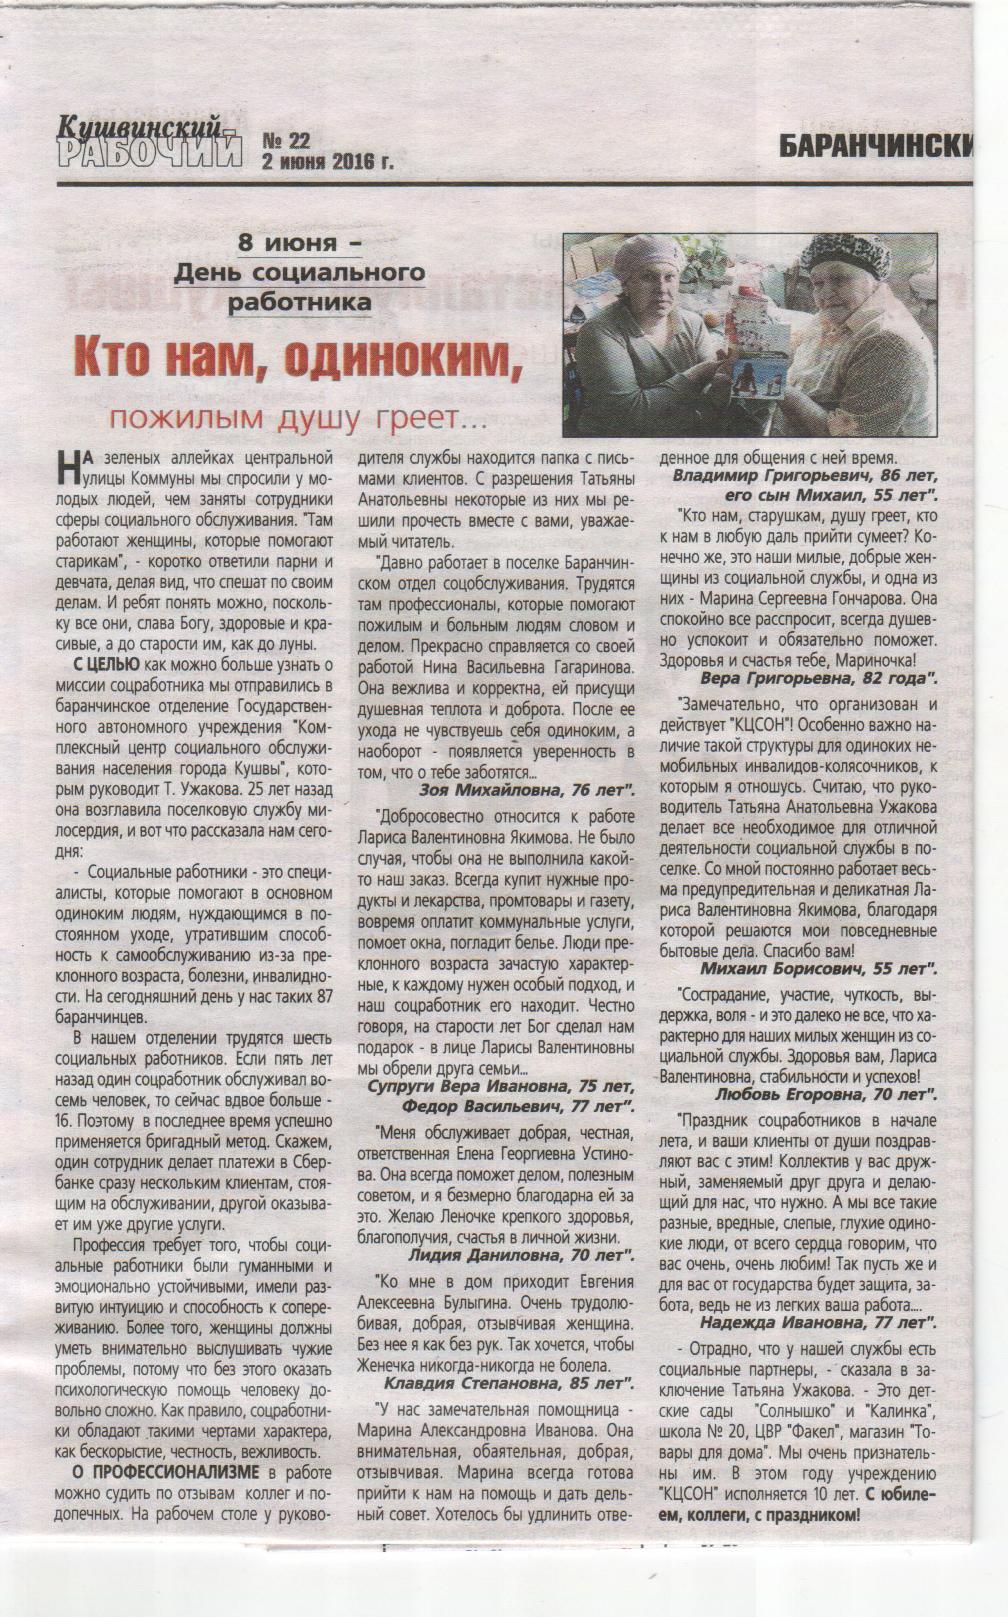 знакомство с сотрудника коллективом в статья газете